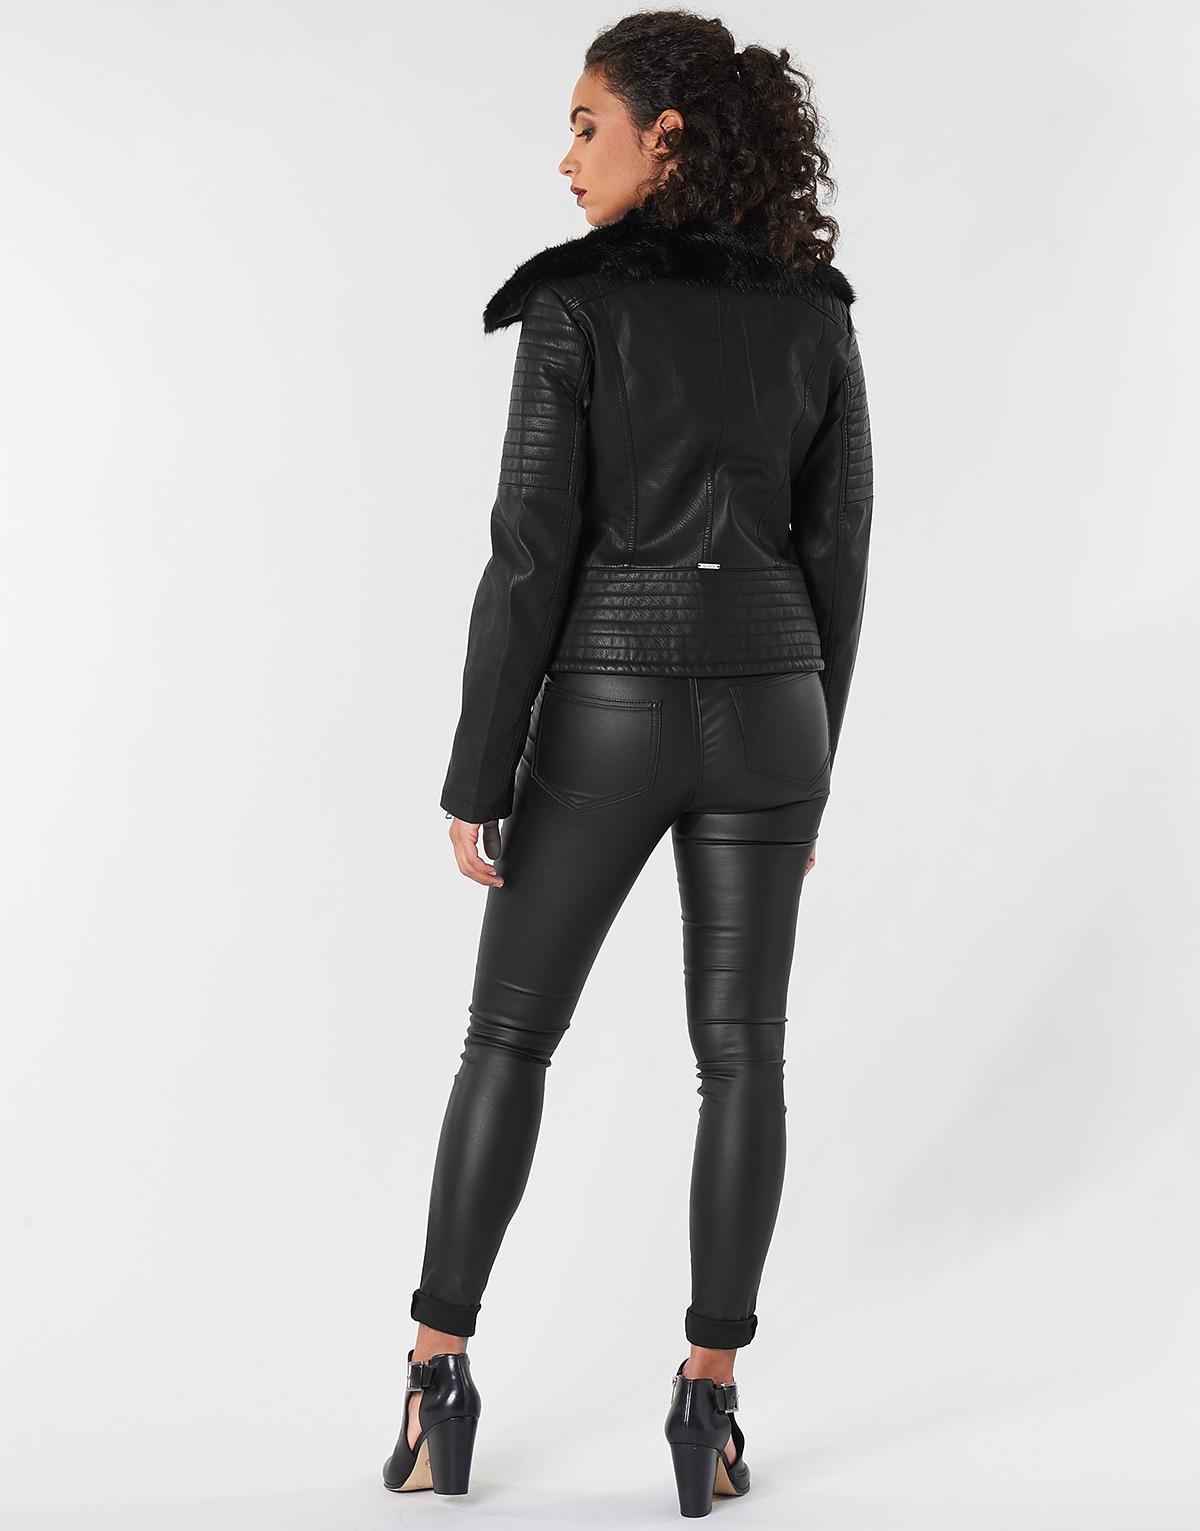 Guantity limitata bellissimo aspetto disponibile 15602214Consegna Donna Tasha In Gratuita Giacca Pelle Guess ...